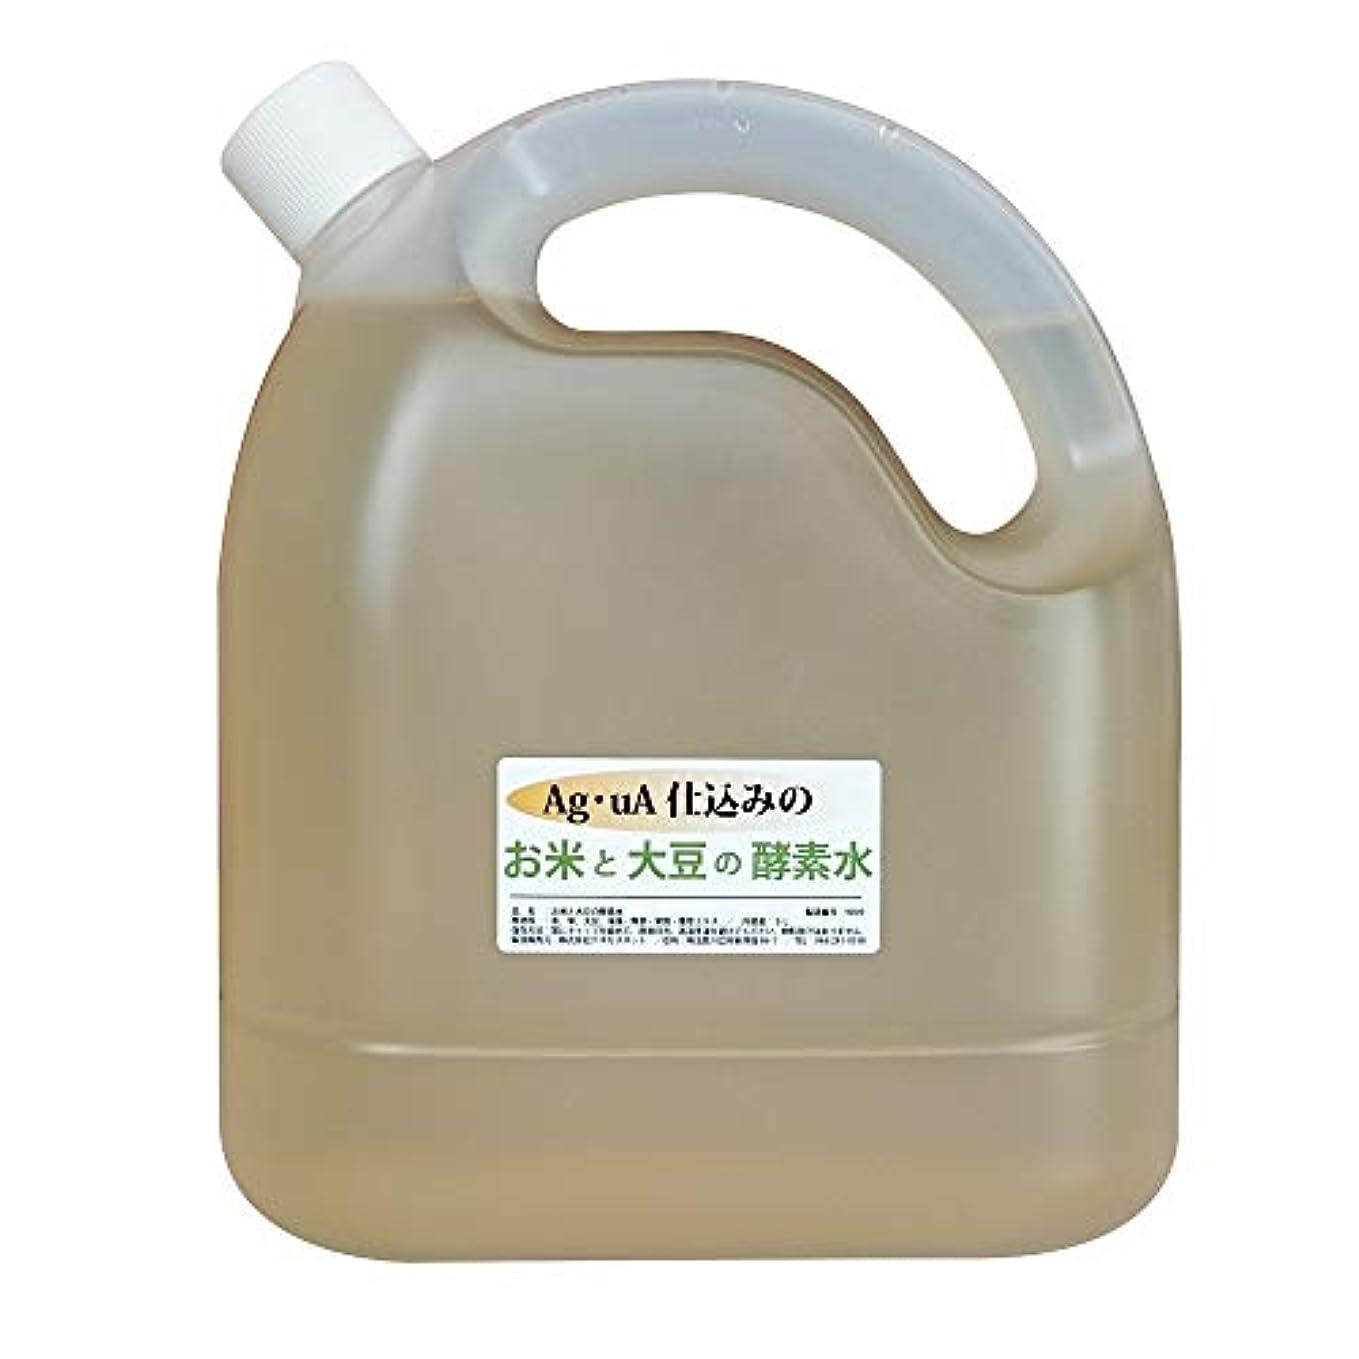 土器仮称移行テネモス アグア仕込みのお米と大豆の酵素水 5リットル